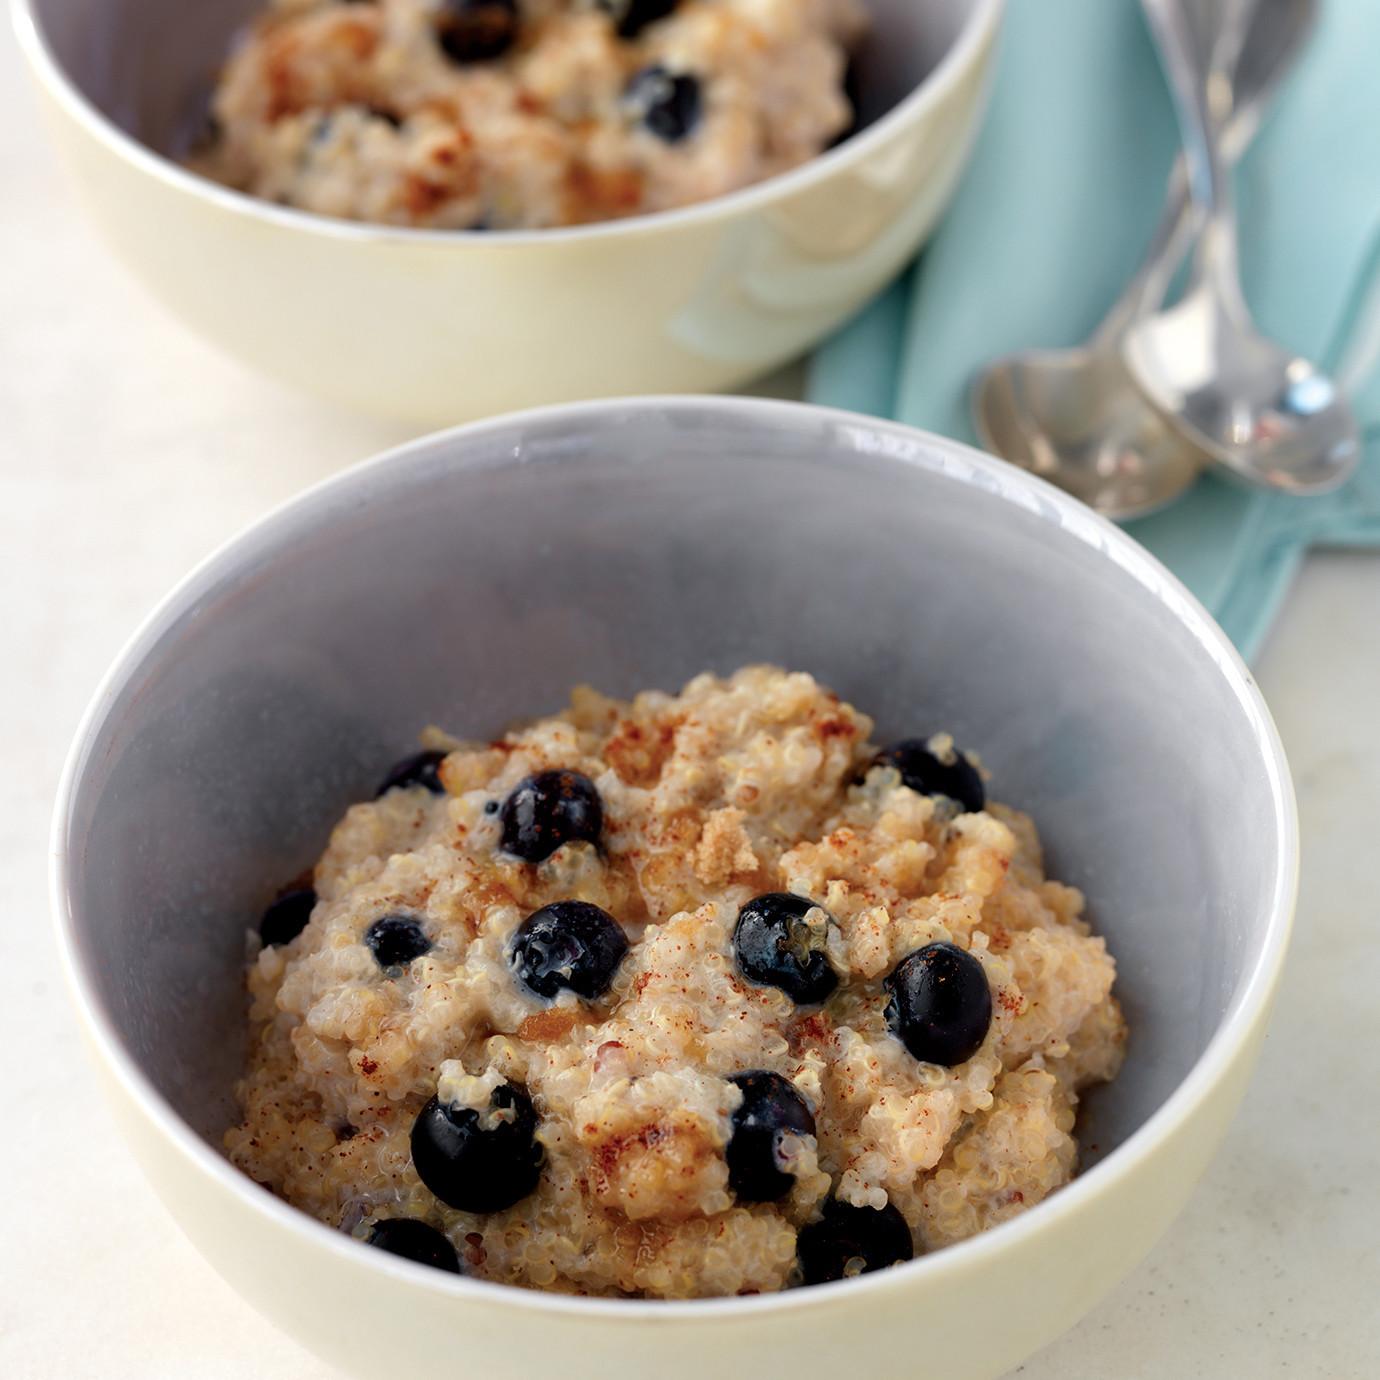 Quinoa Breakfast Recipes  Quinoa Cereal Recipes